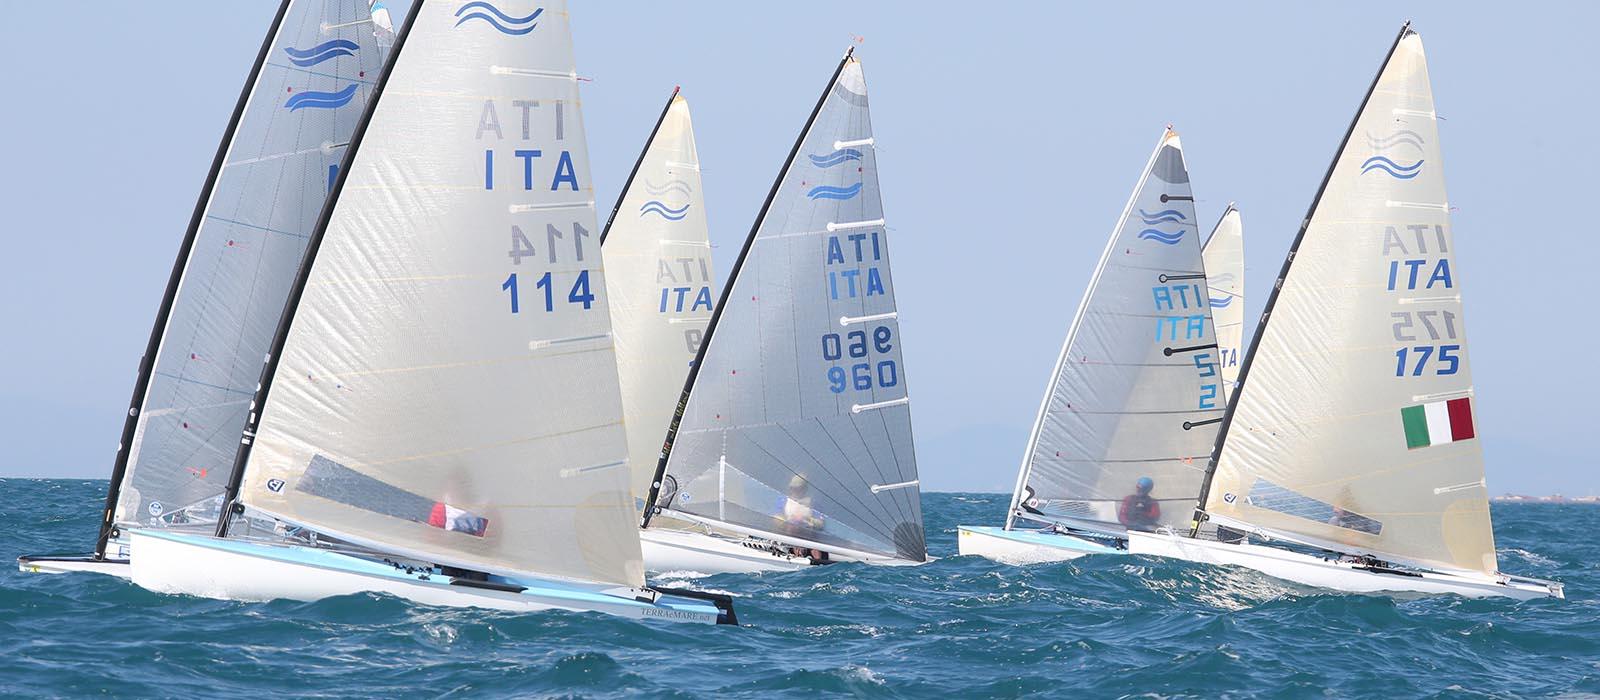 Associazione Italiana Classe Finn A31V0578